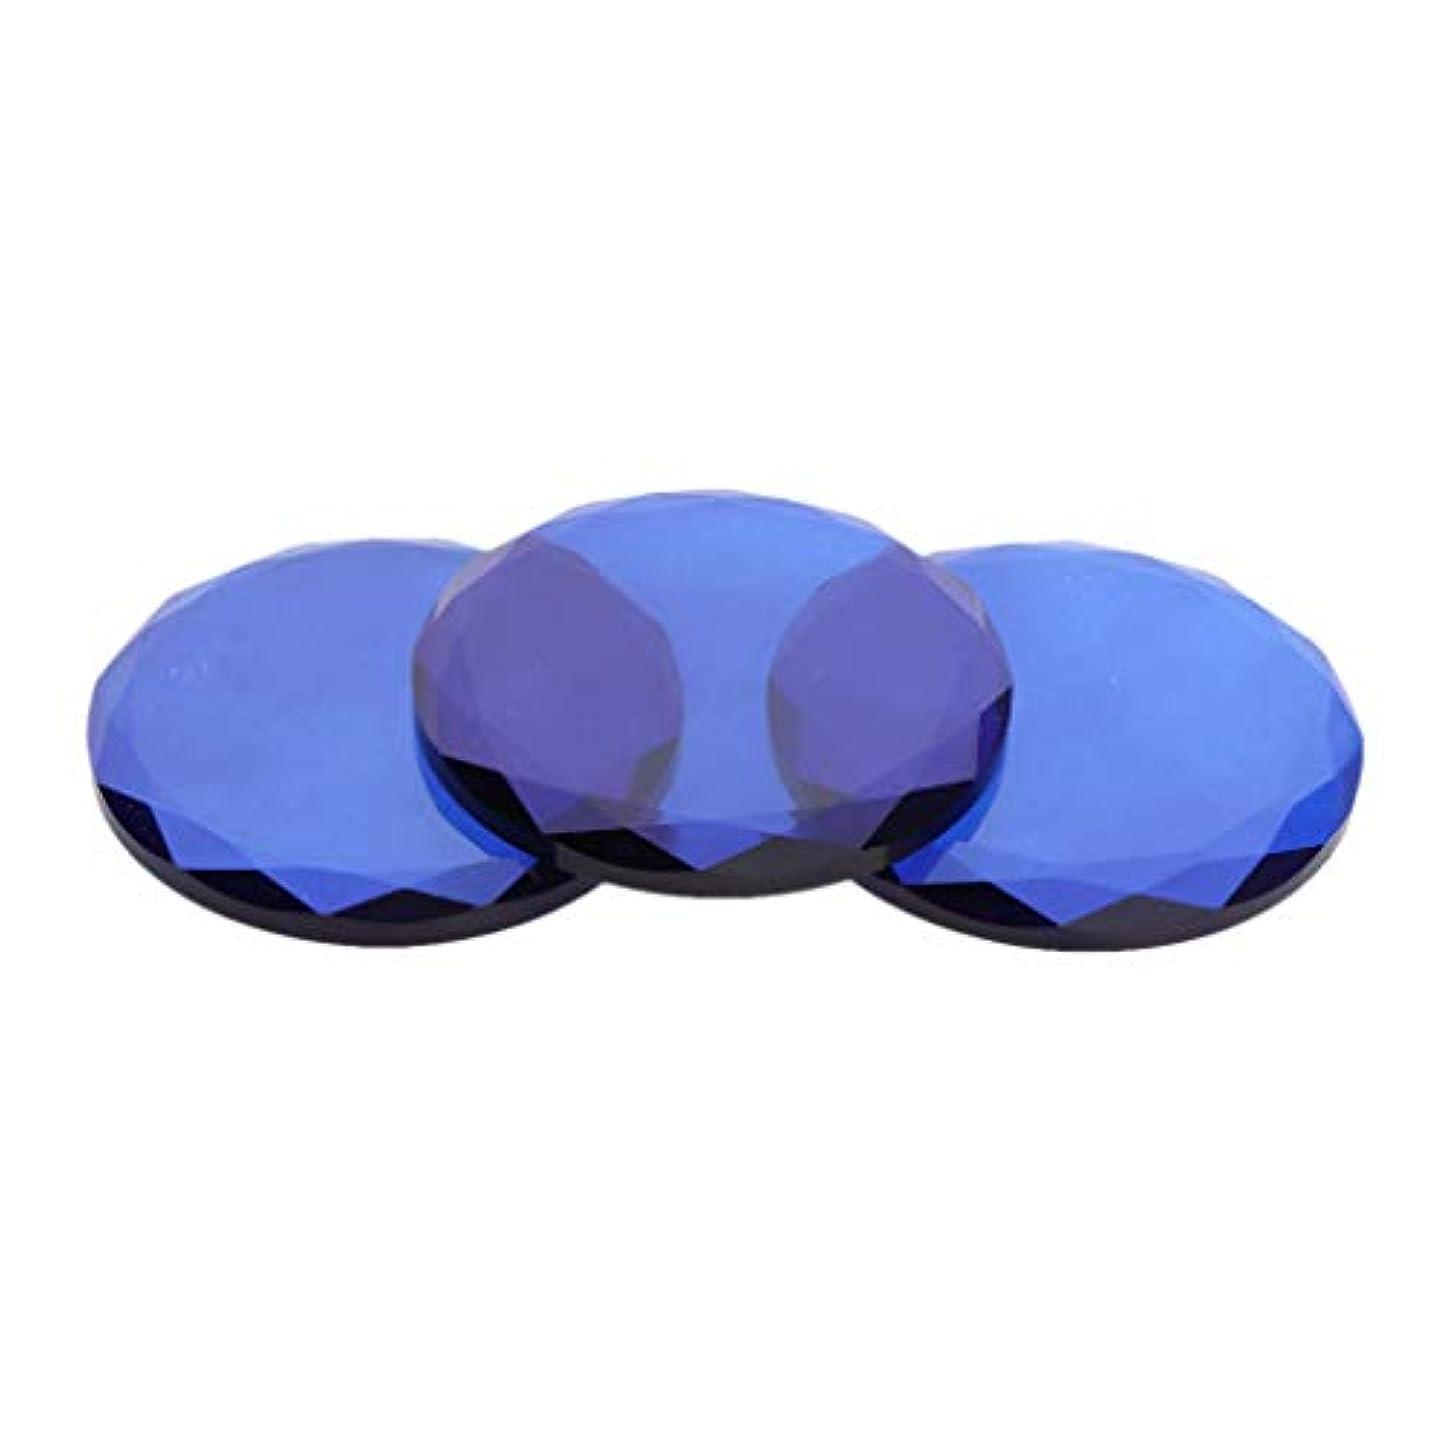 者銀鮫B Blesiya 3個 まつげ接着剤パレット クリスタルホルダー 付けまつ毛 グルー 顔料混合トレイ 多色選べ - 濃紺